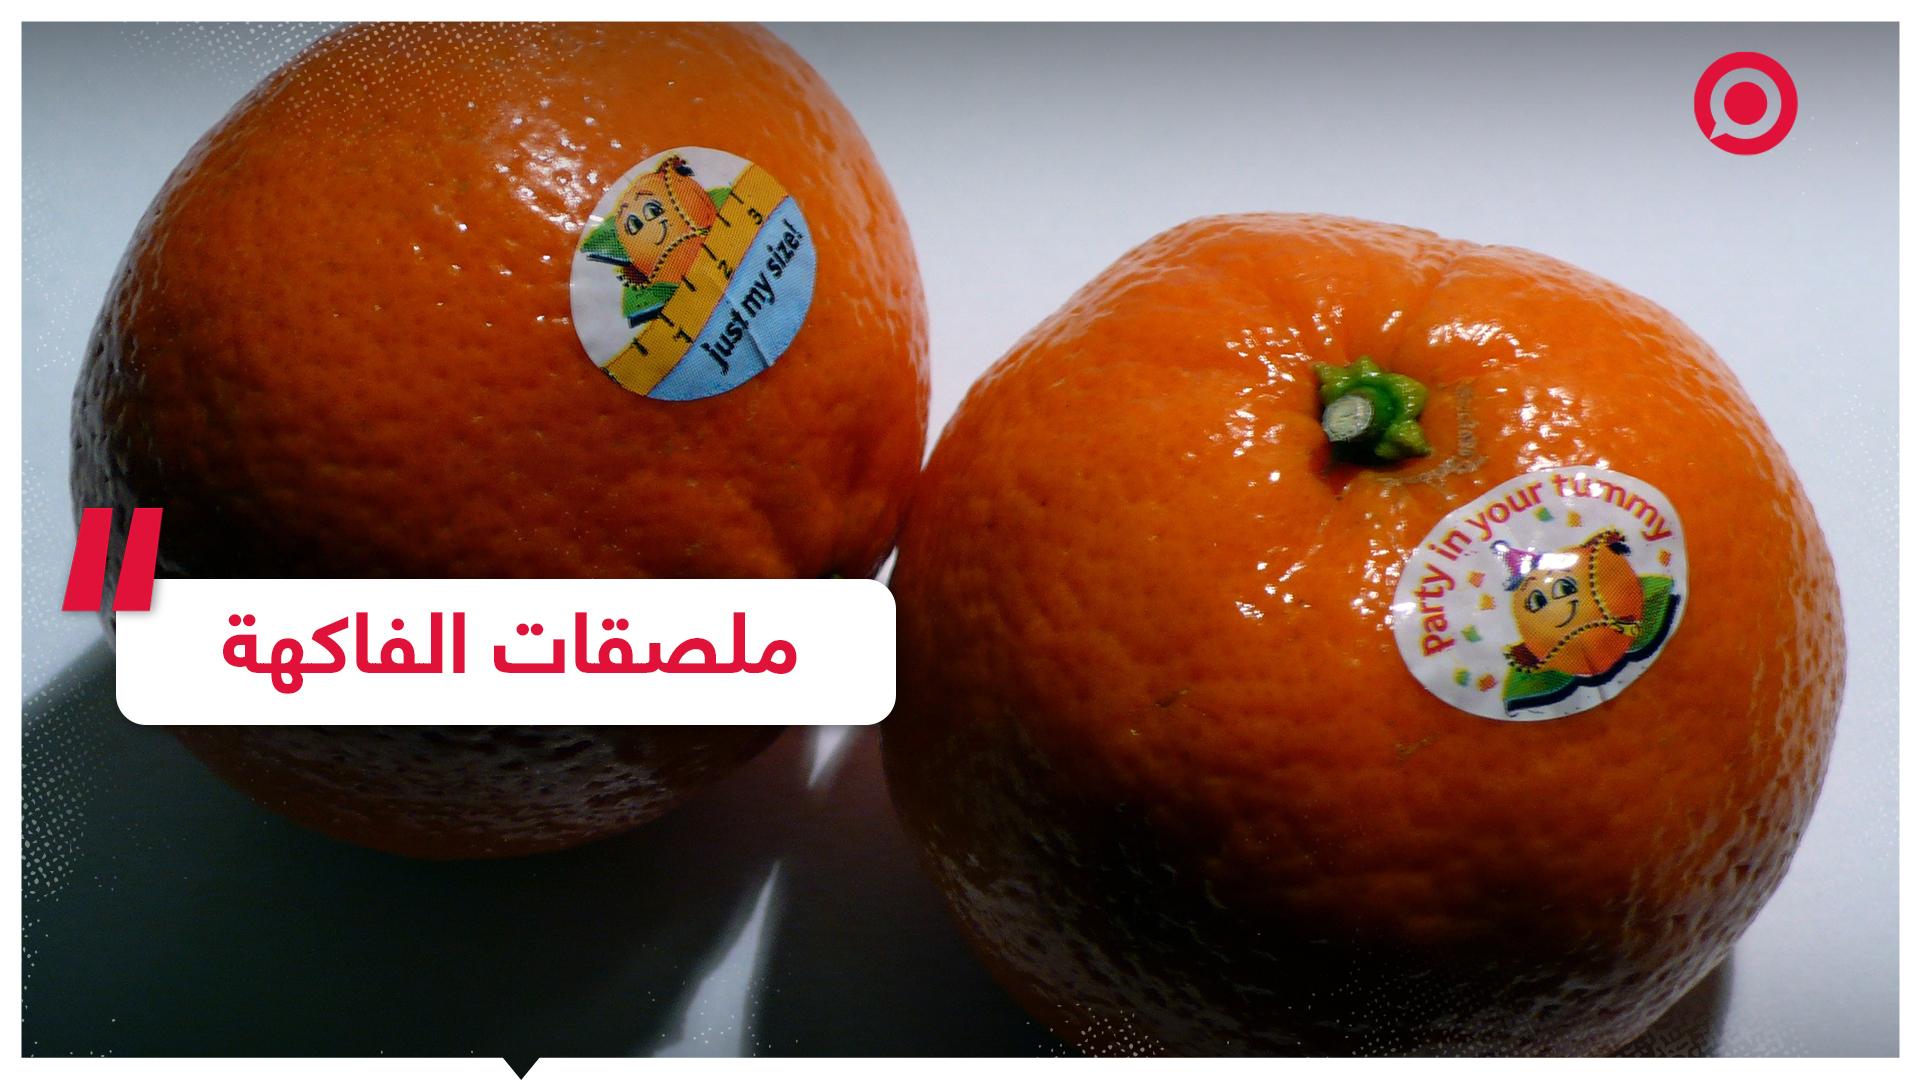 ماذا تعني الملصقات الموجودة على الفاكهة والخضار؟